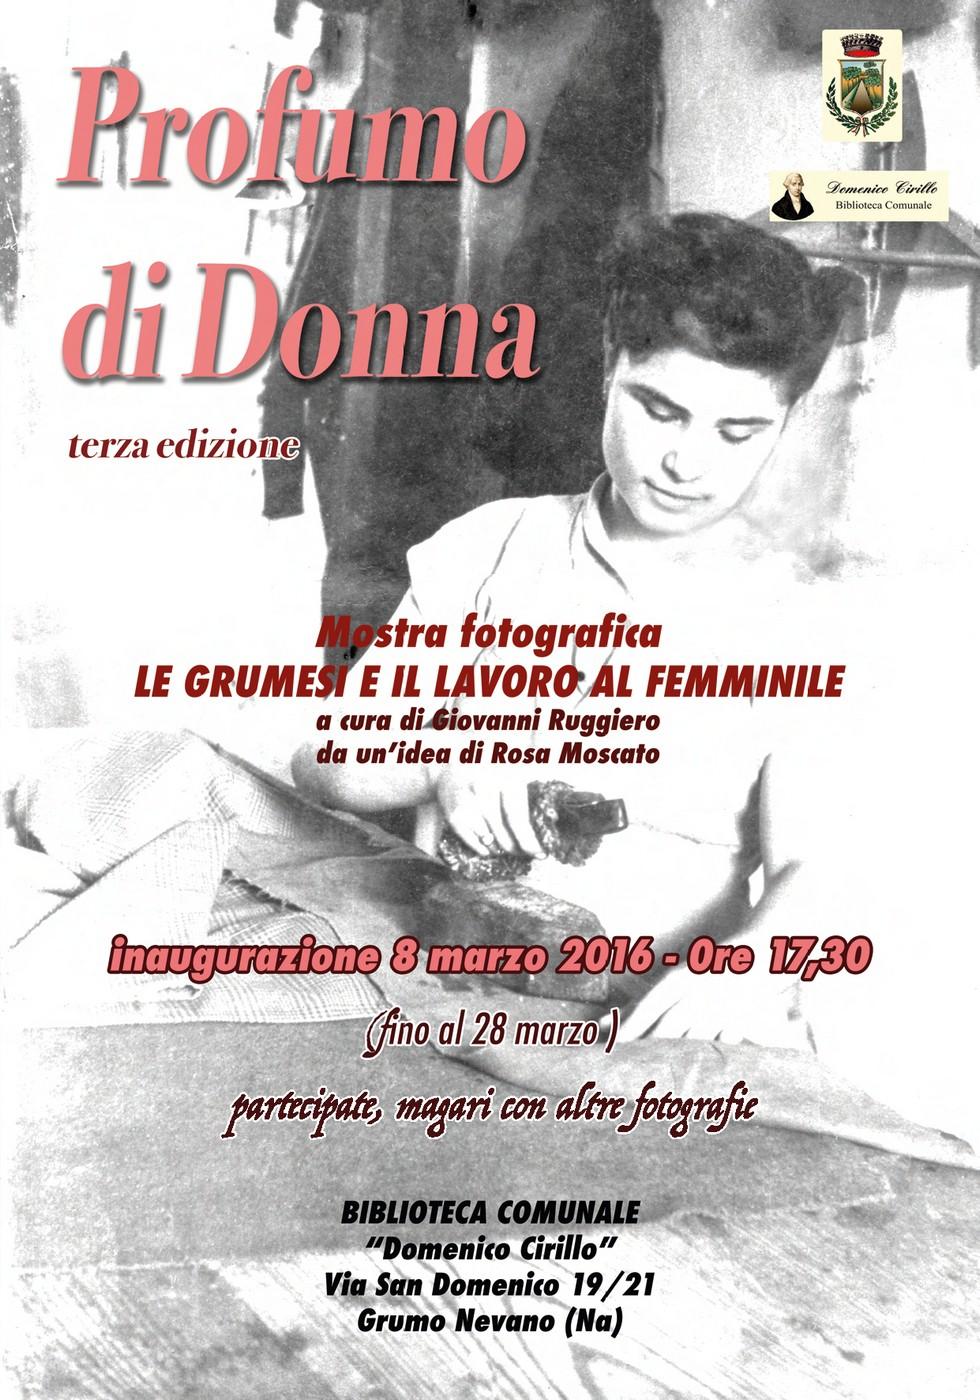 donna - Silvestre Maria Grazia5656